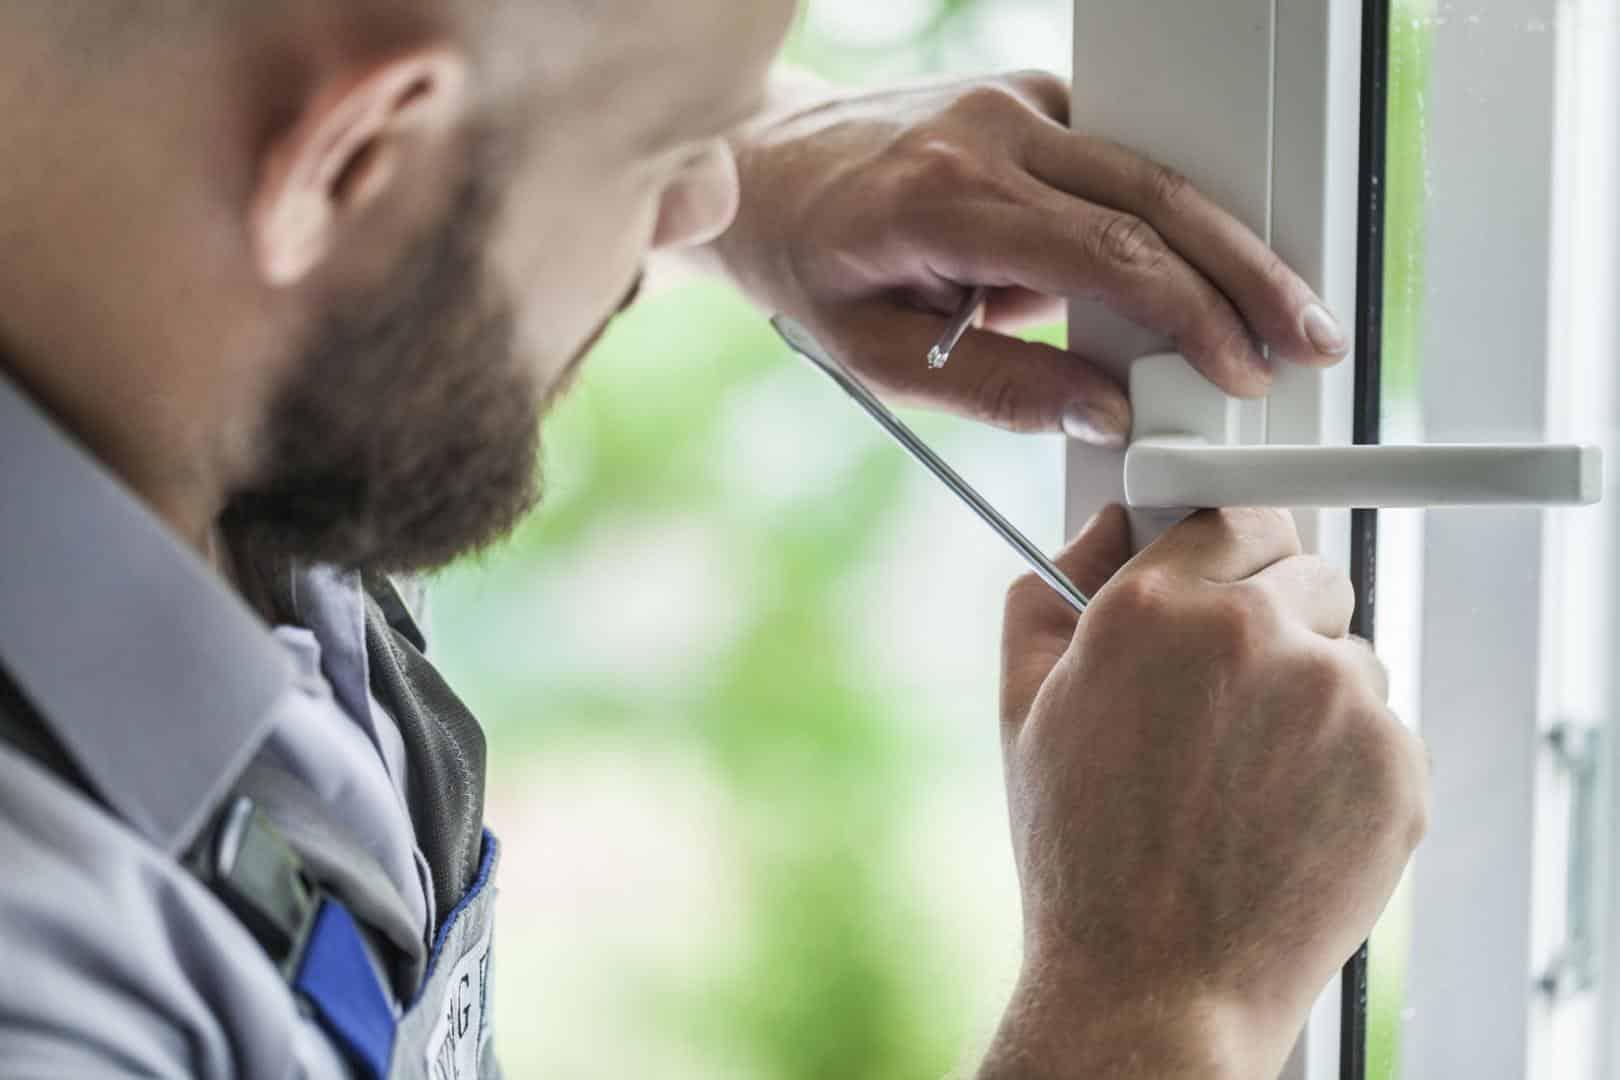 Réparation d'un système de sécurité par un artisan